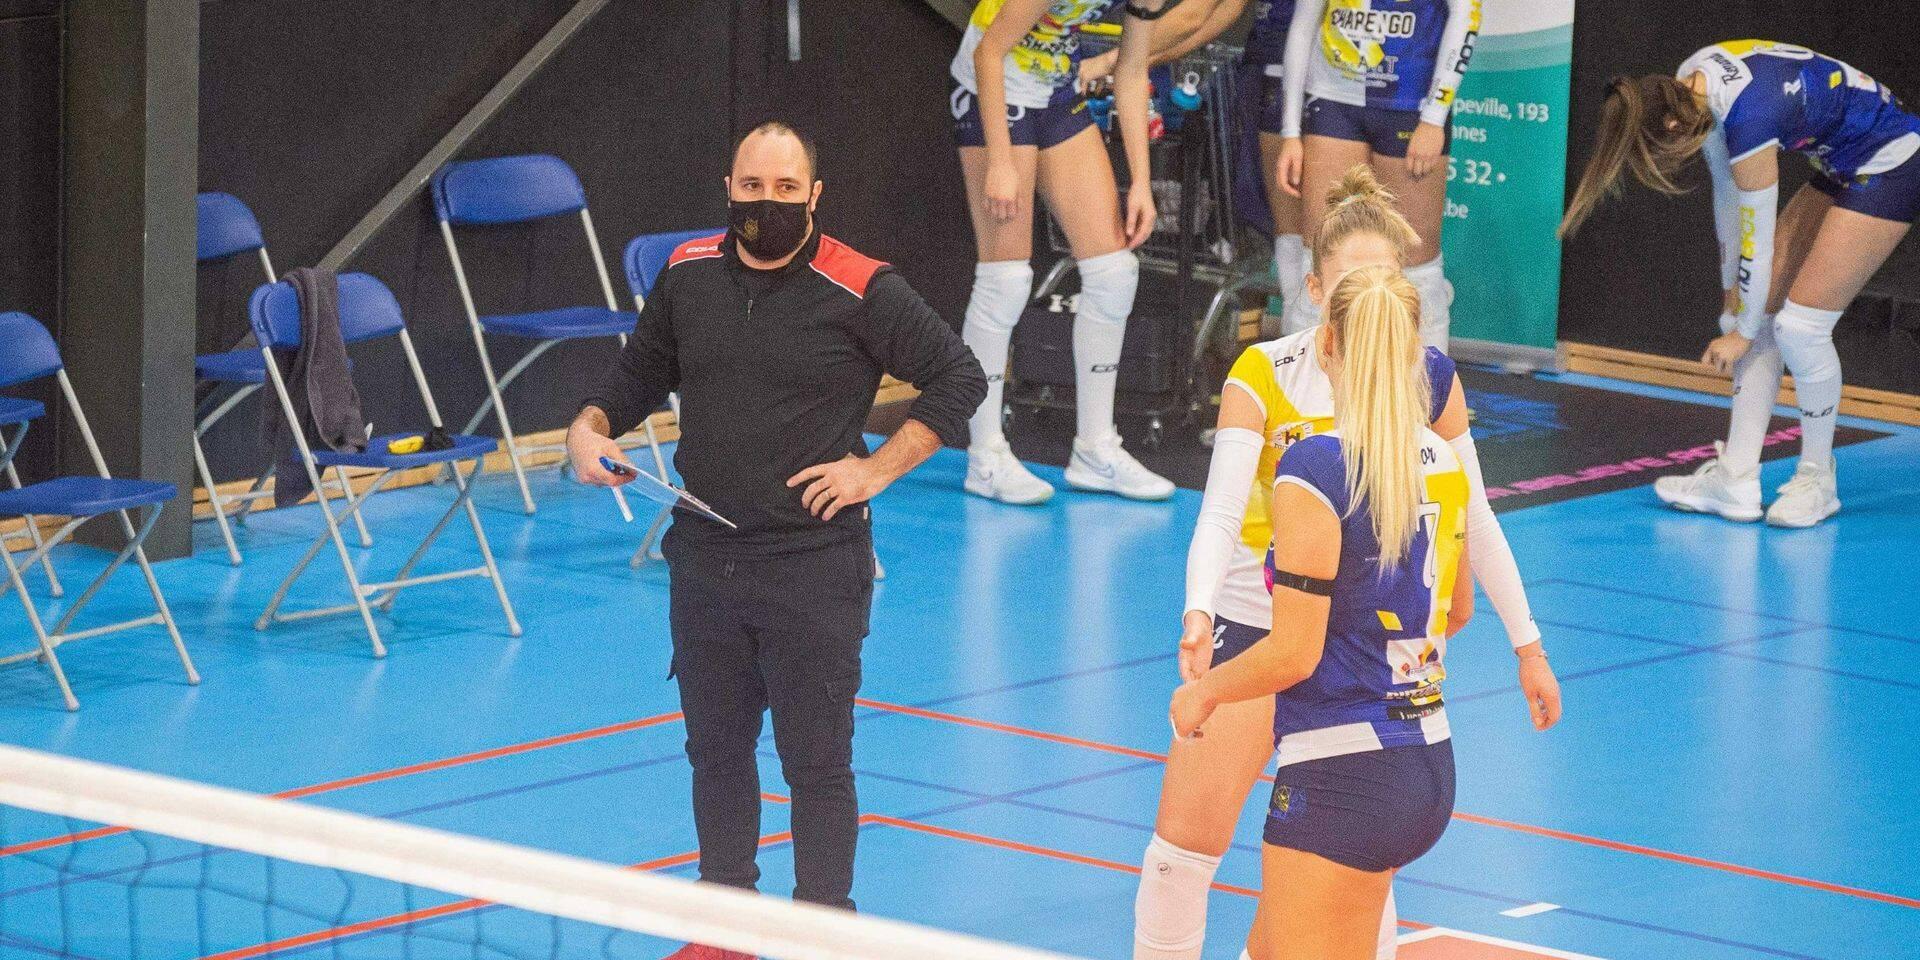 Pas de miracle pour Tchalou en demi-finales de la Coupe de Belgique de volley-ball